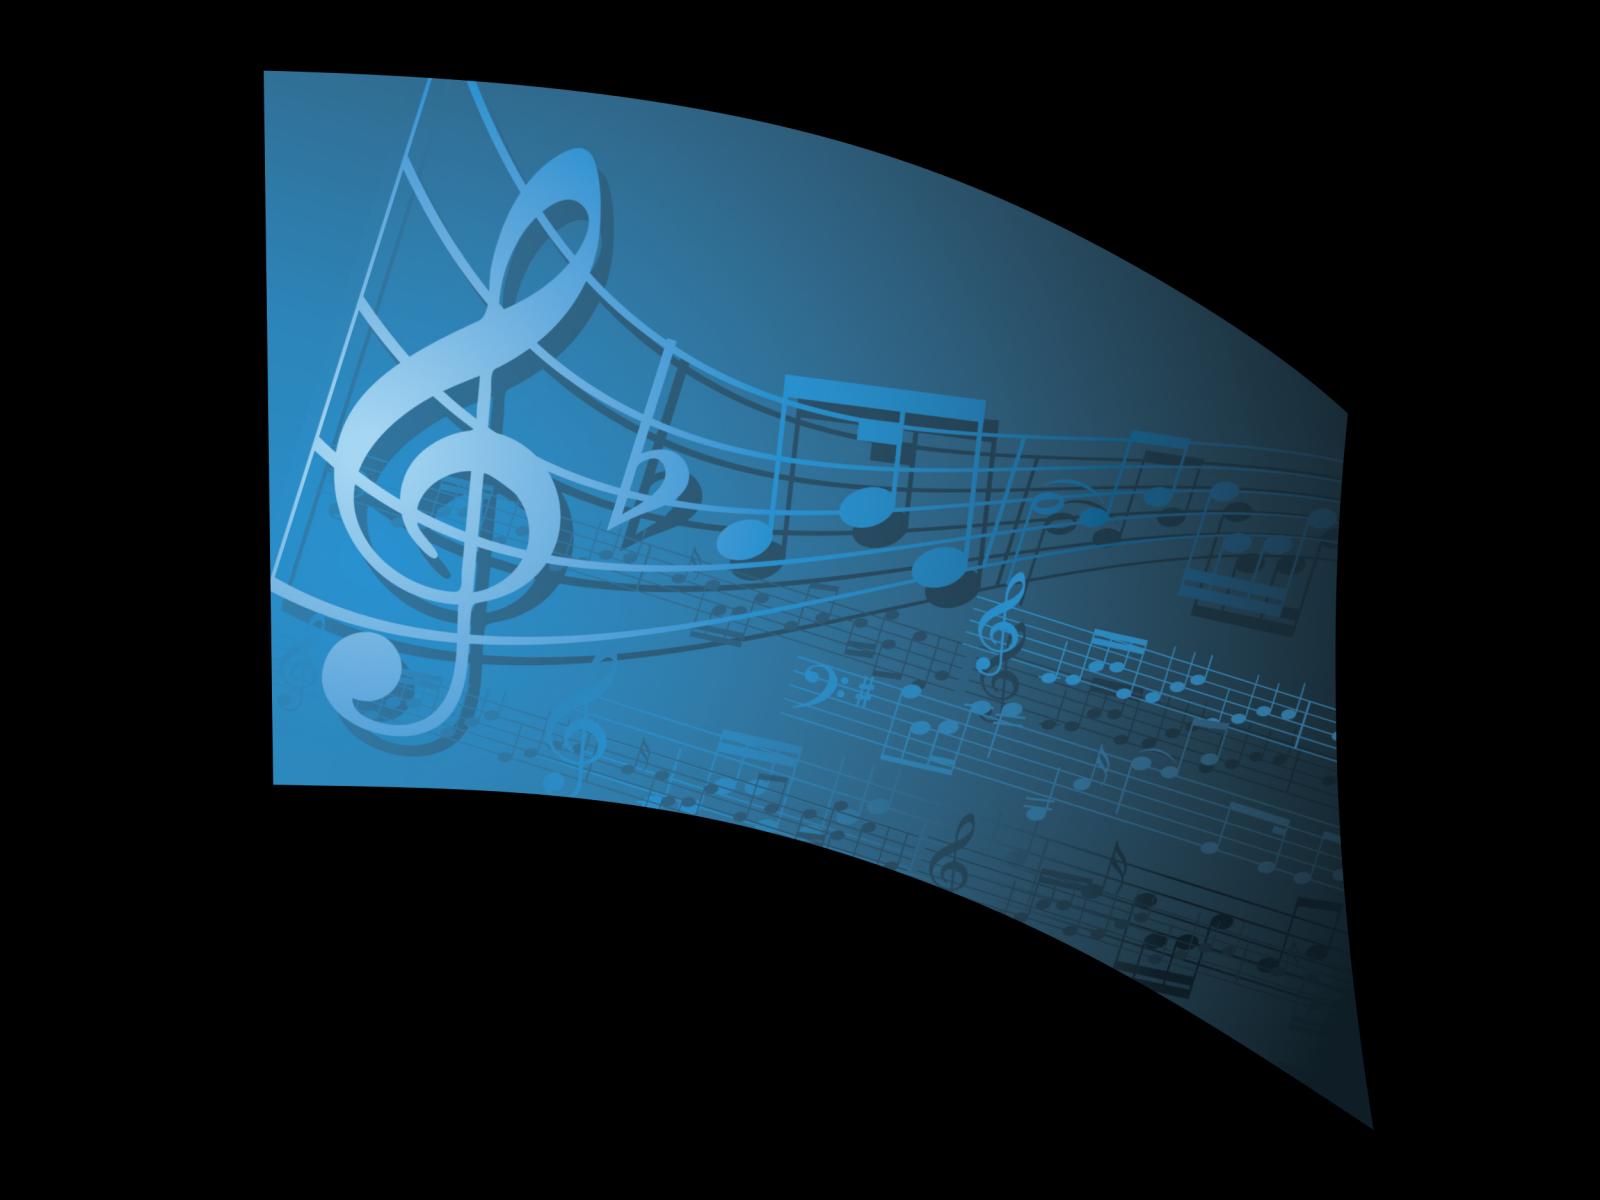 060409s - 36x52 Standard Music Staff 2